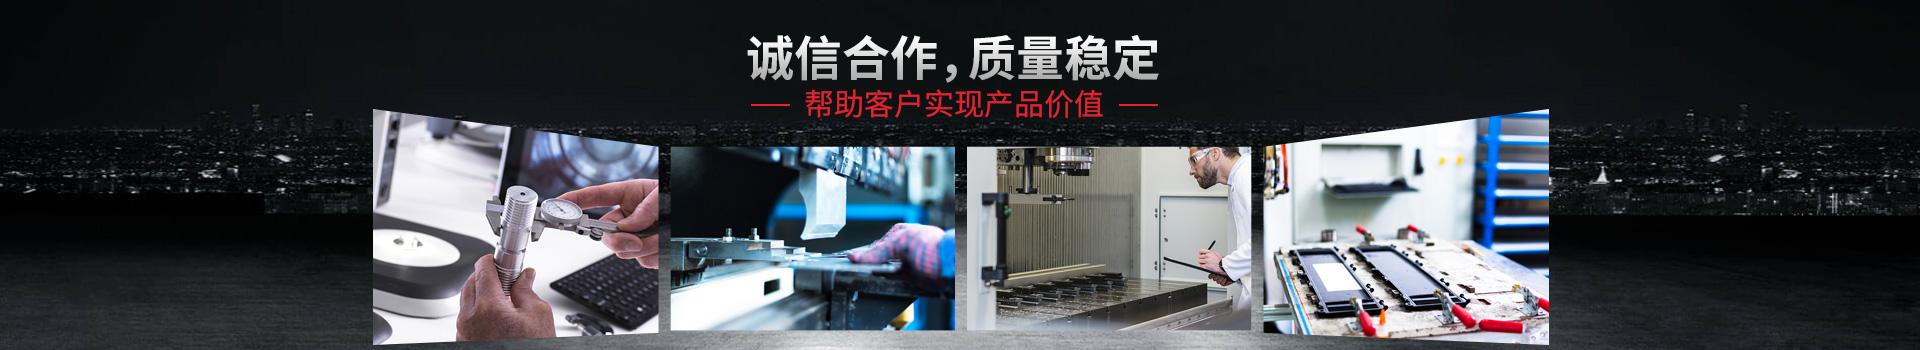 精密机械加工——诚信合作,质量稳定